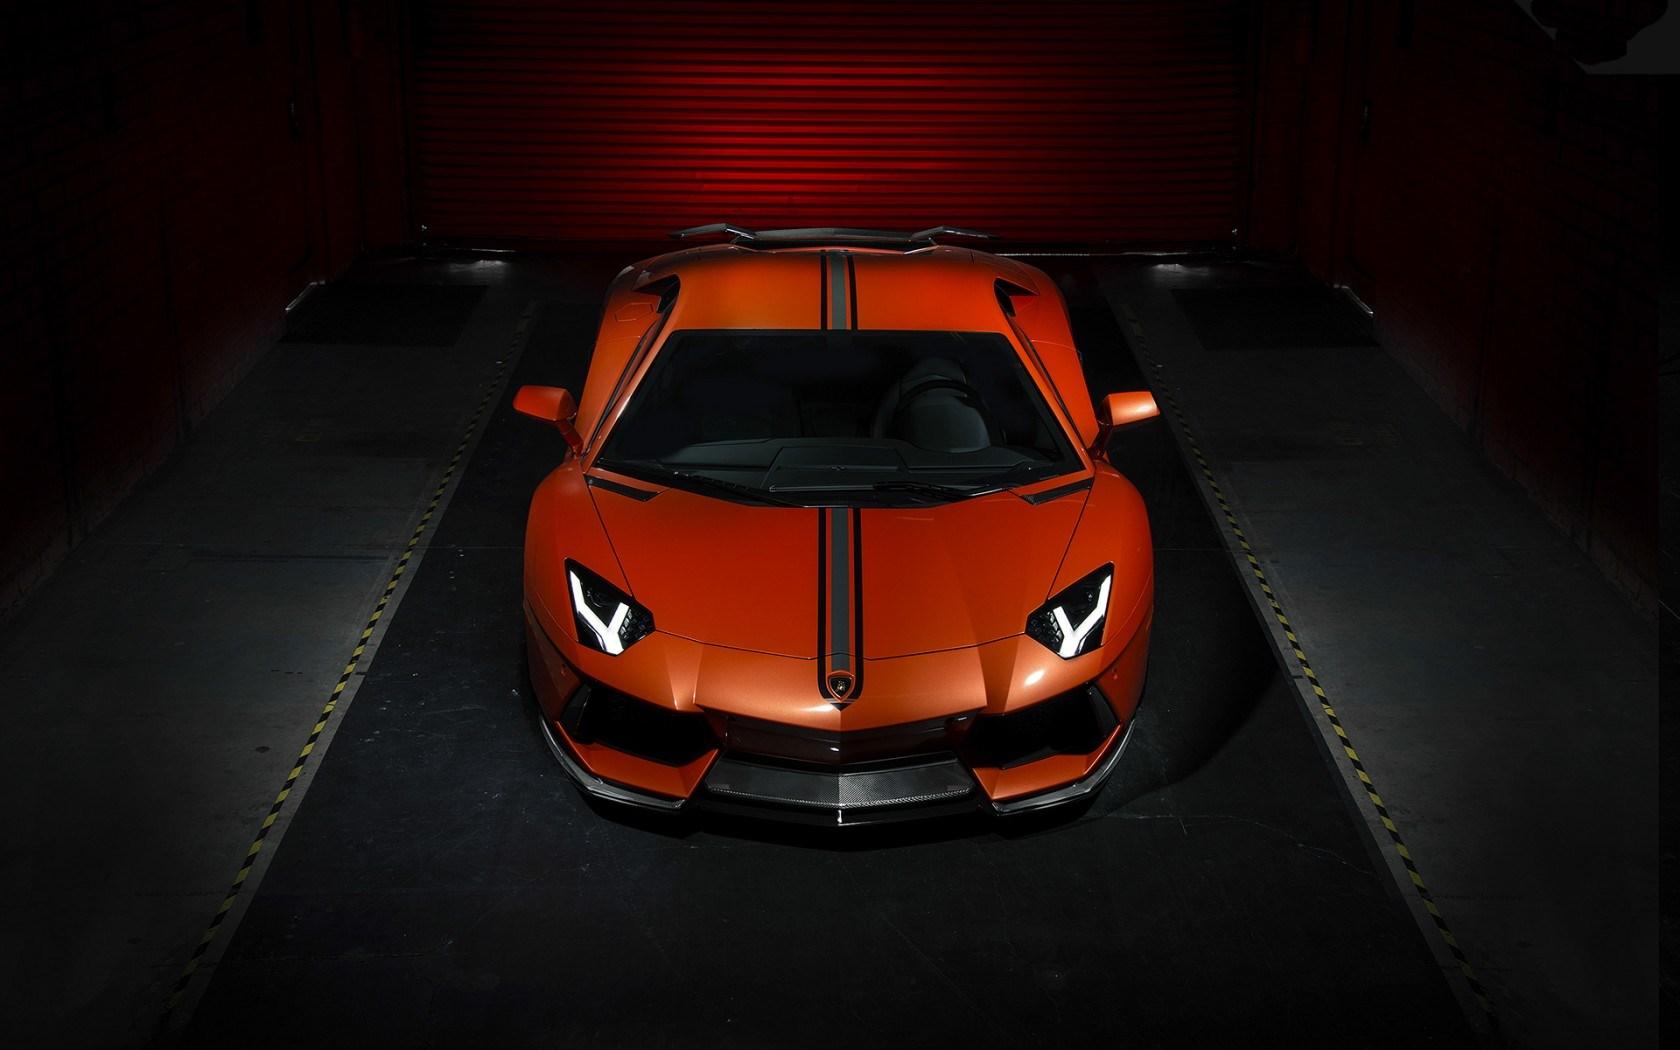 Lamborghini Aventador LP 700-4 Vorsteiner Tuning Car Front